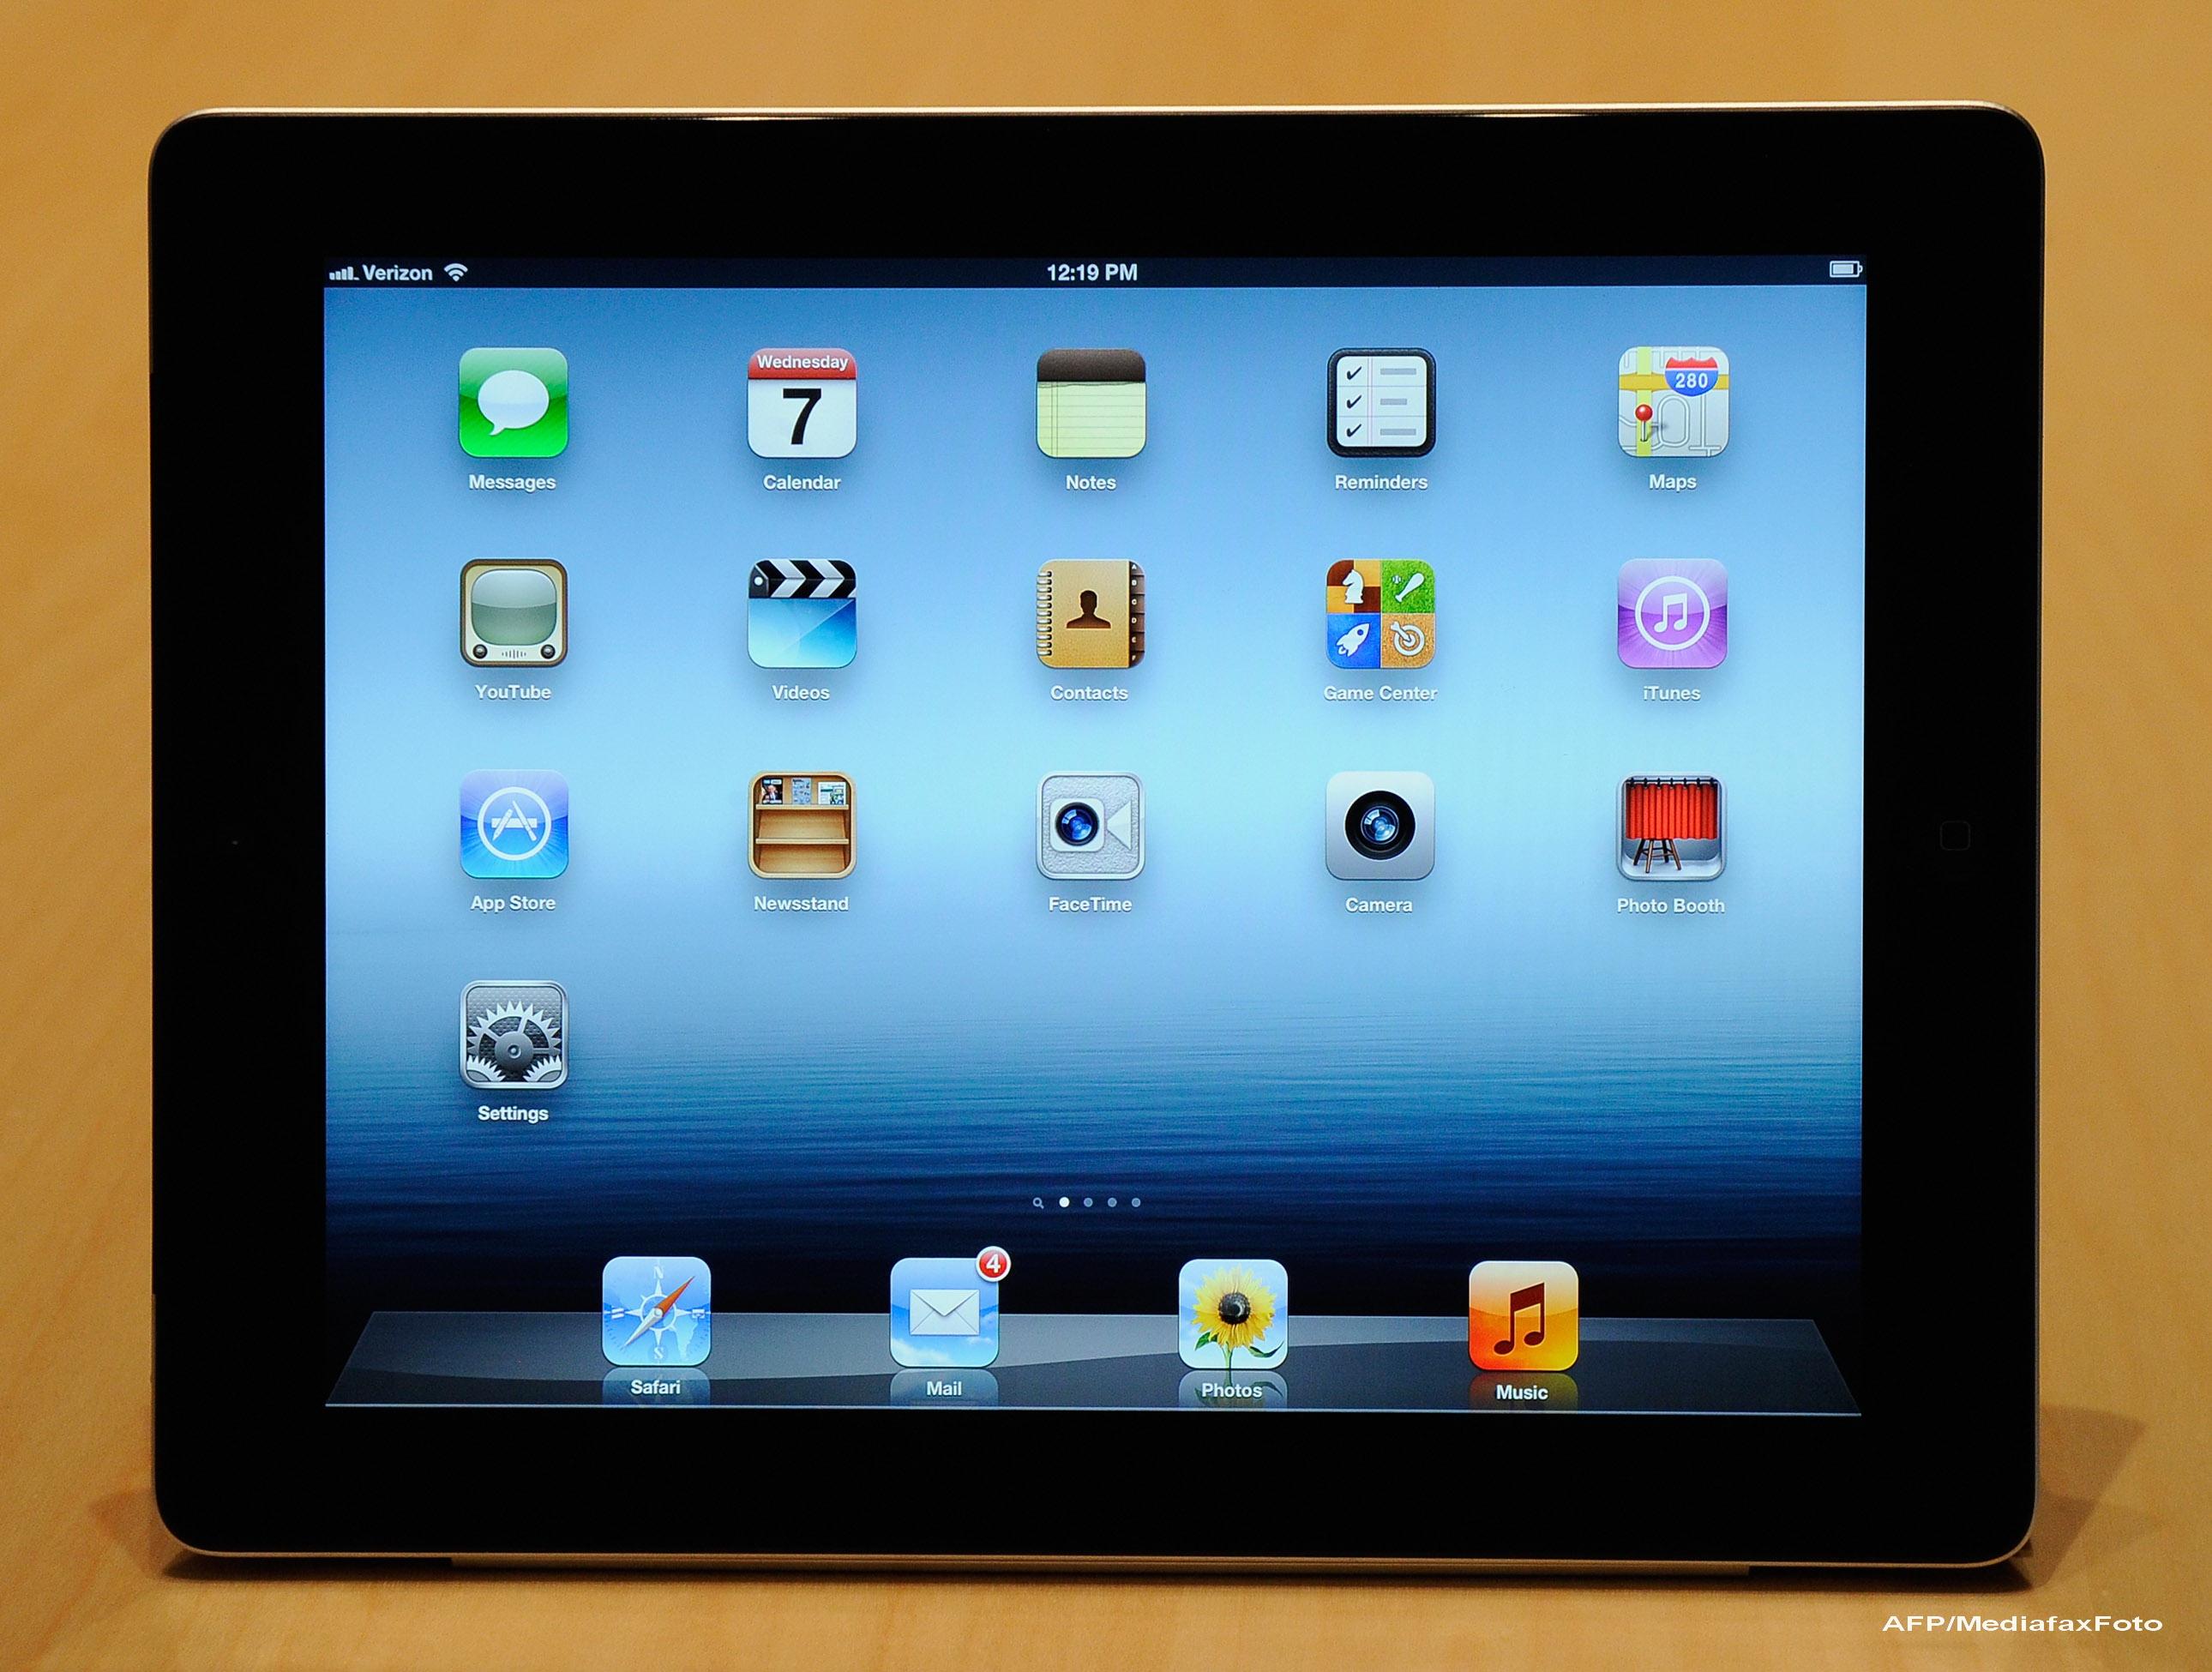 Un roman a conceput un joc special pentru noul iPad. Ultima tableta Apple ajunge la noi pe 23 martie